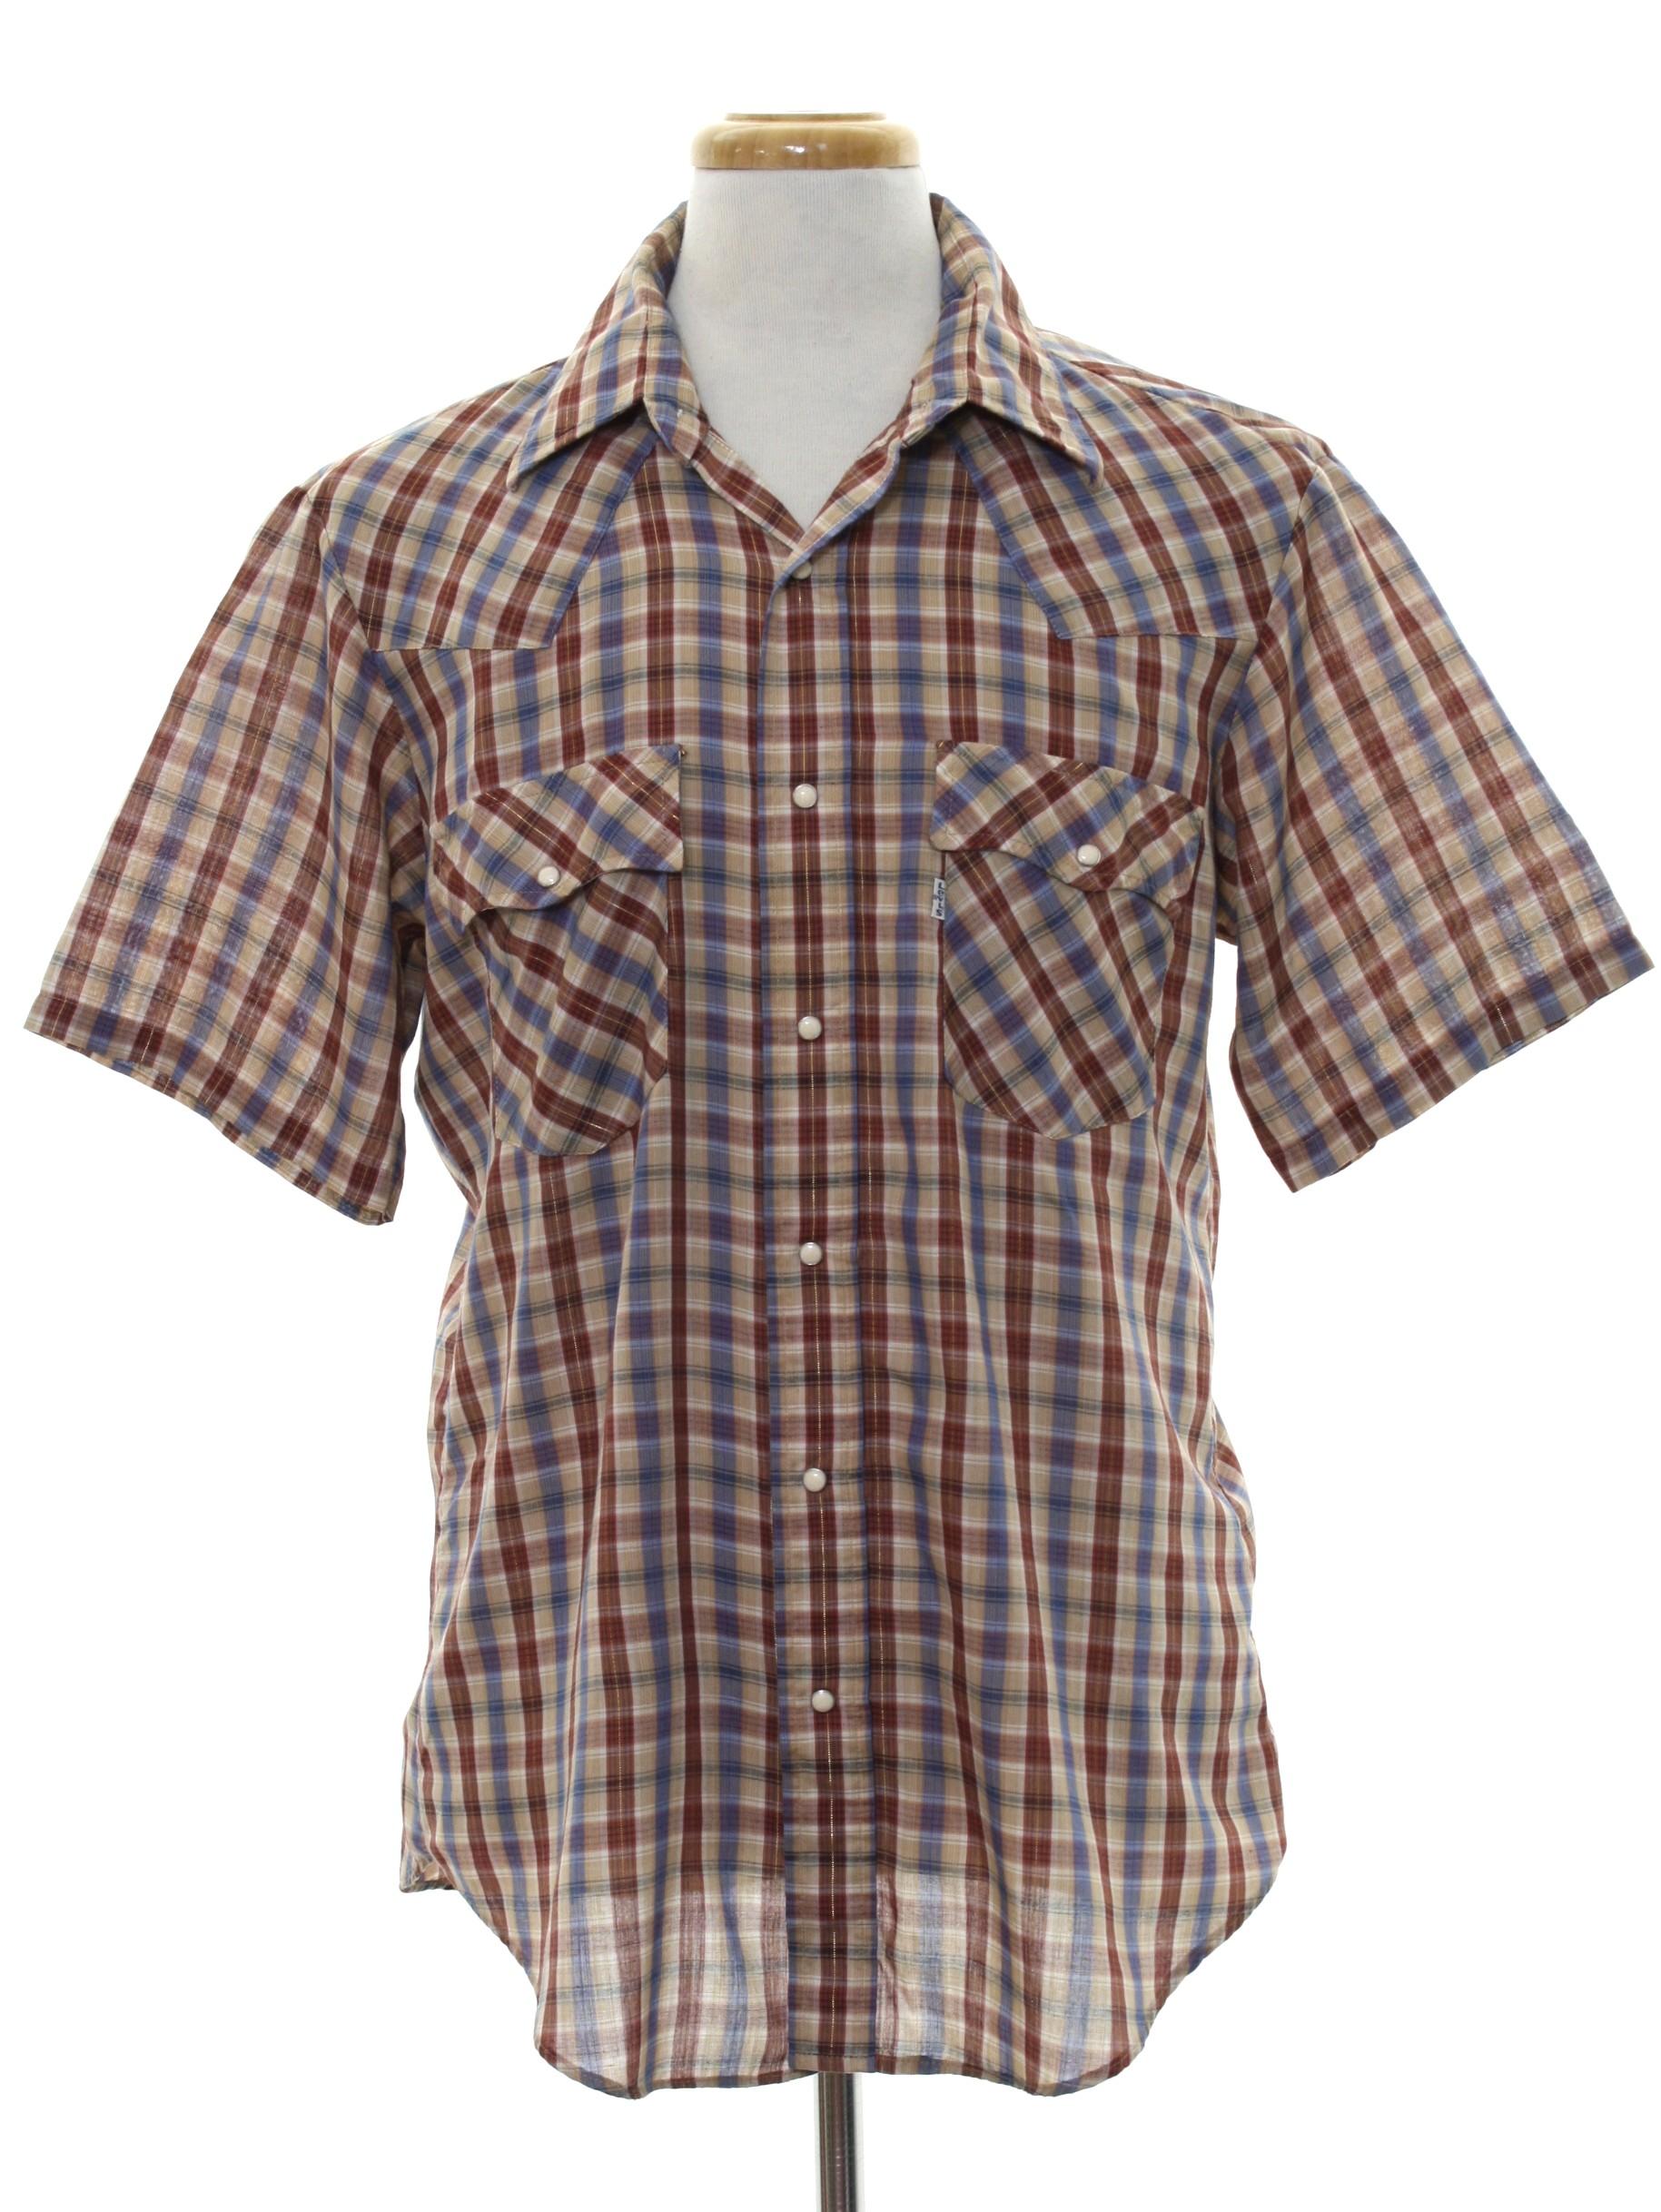 1980s Levis Western Shirt 80s Levis Mens Tan Burnt Orange Blue